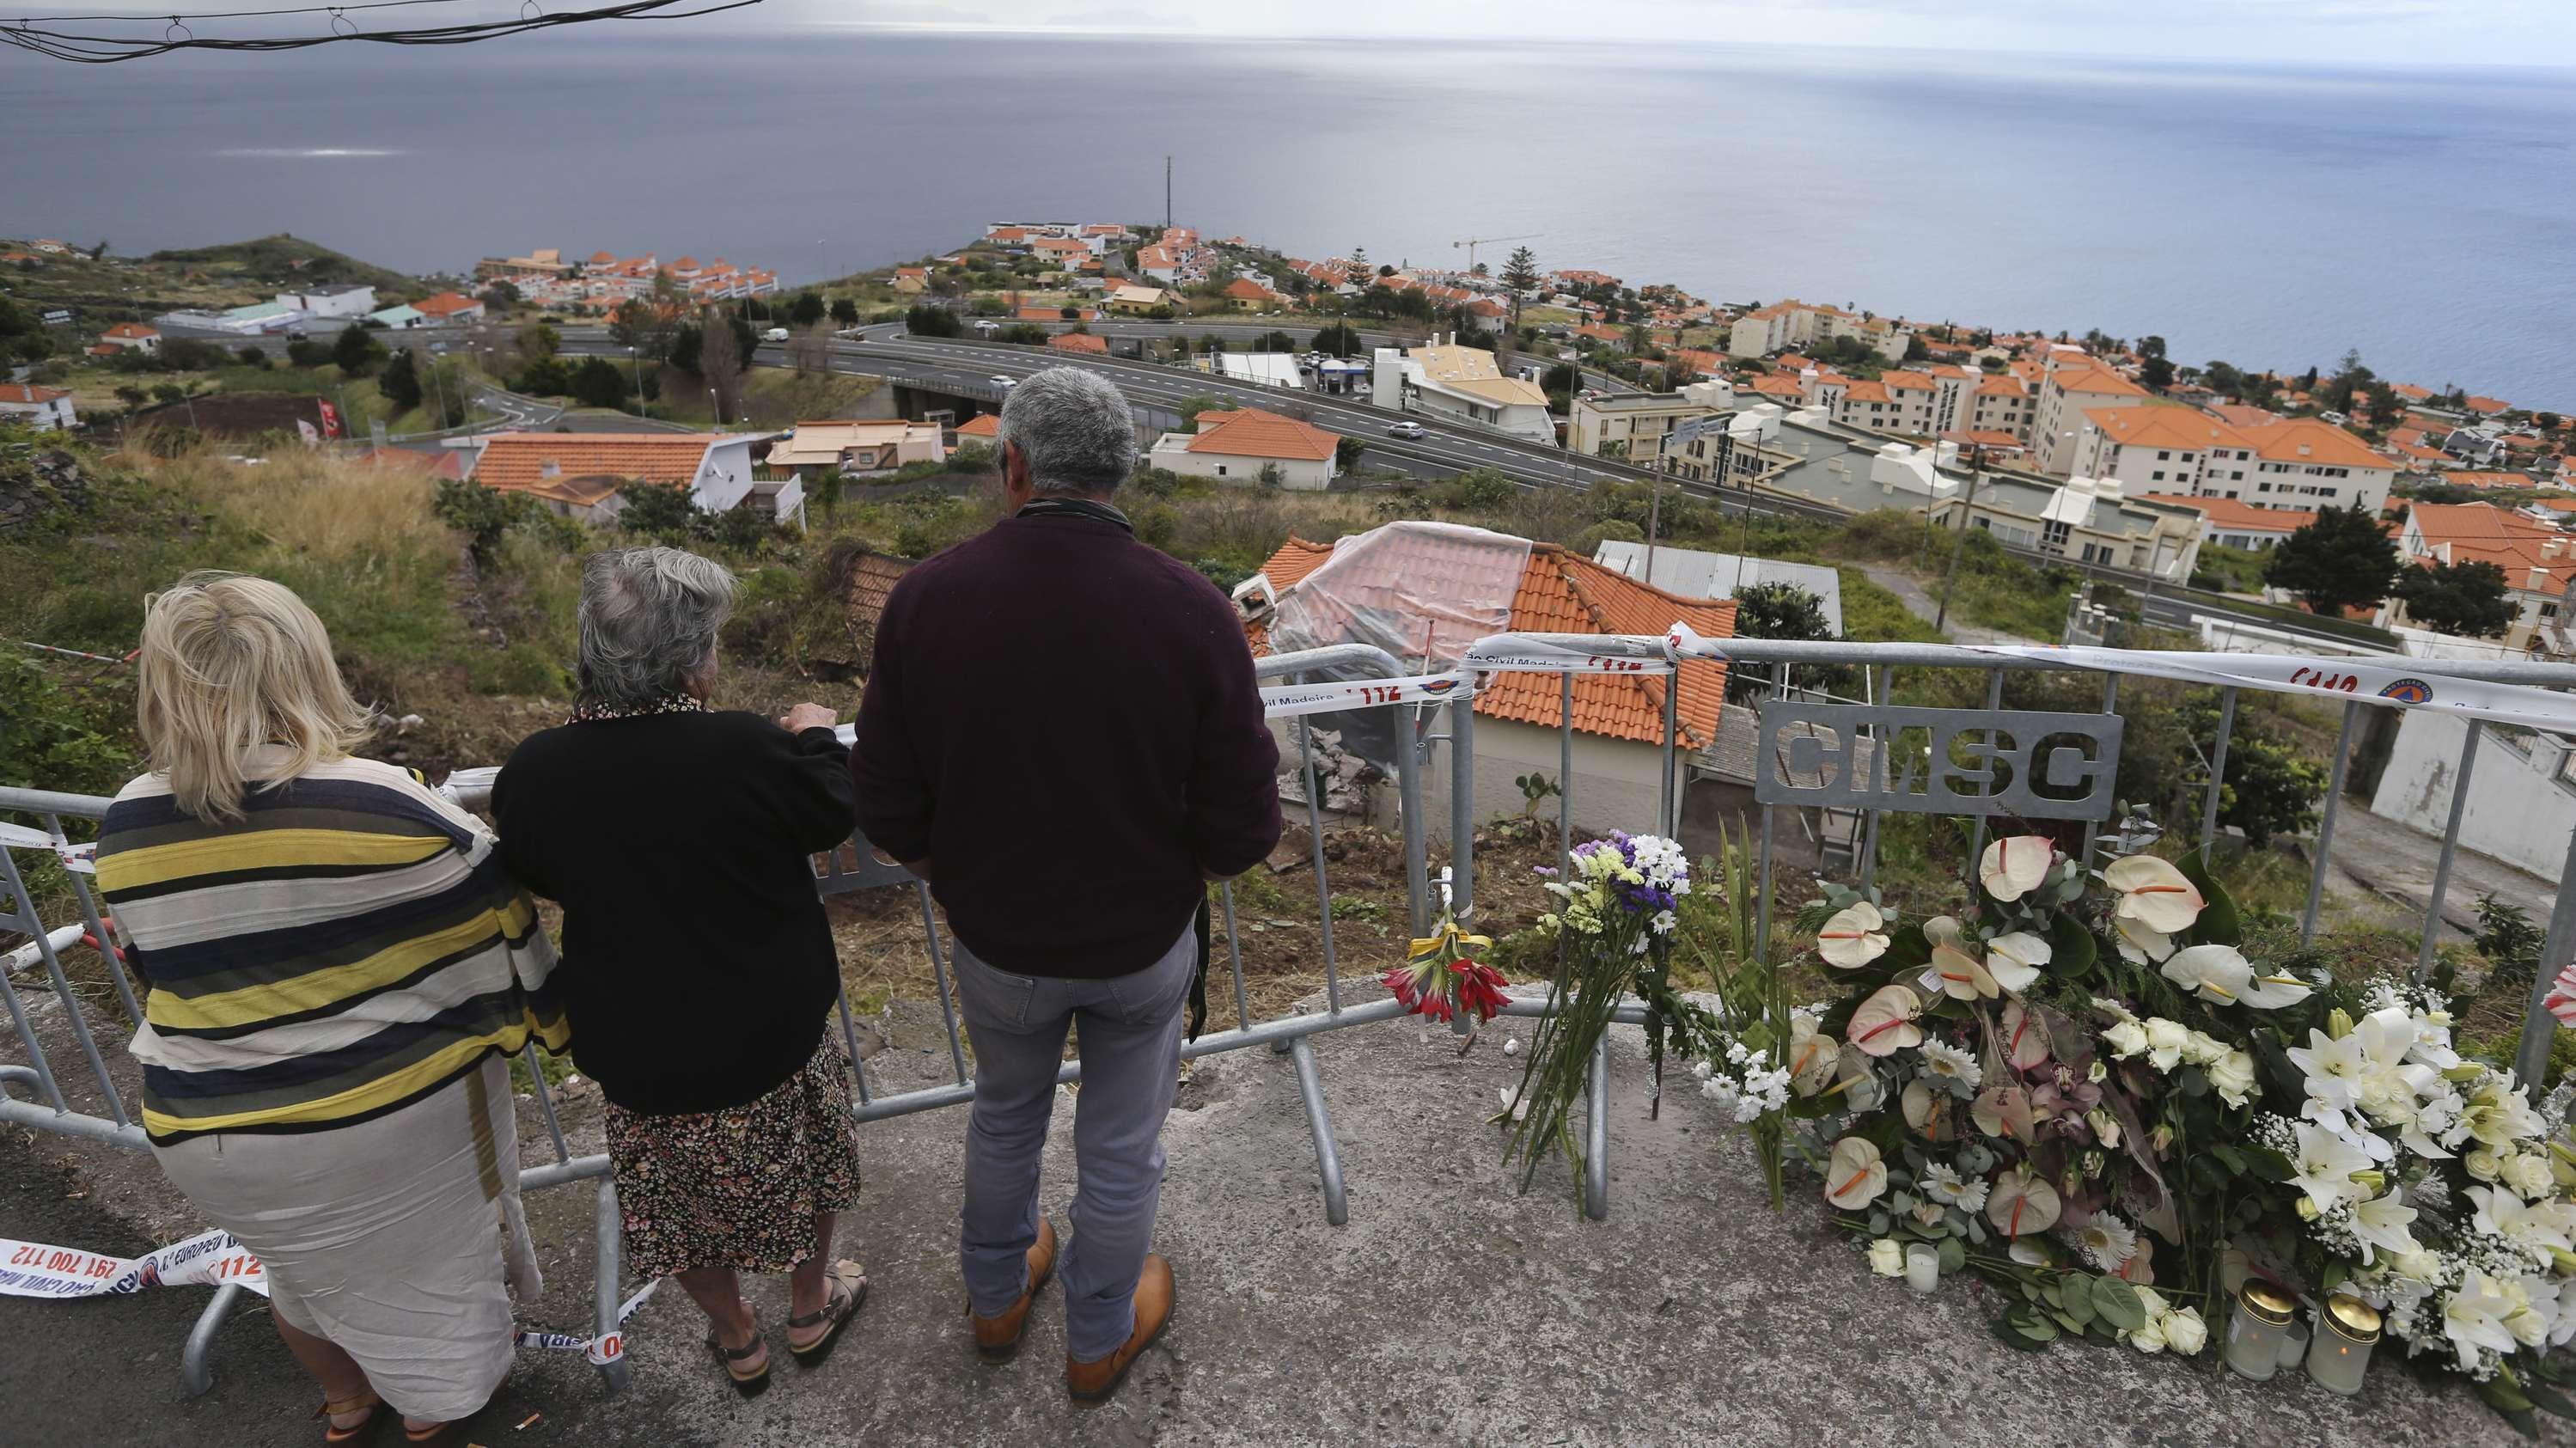 Unglücksstelle des Busunglücks auf Madeira